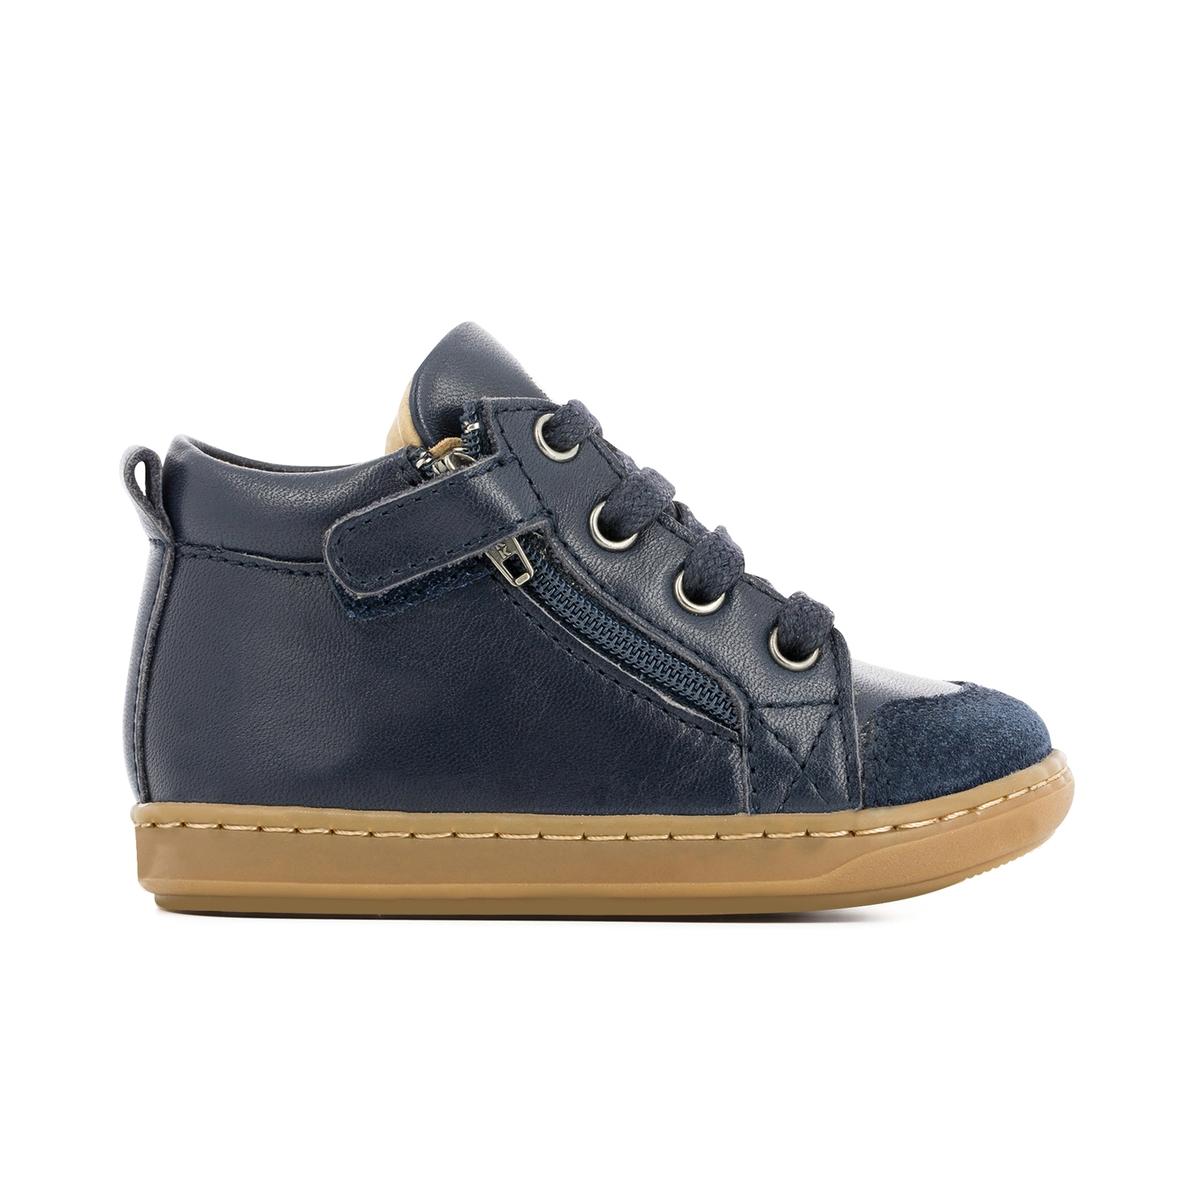 Кеды высокие кожаные BOUBA BI ZIPДетали  •  Кеды высокие •  Спортивный стиль •  Плоский каблук •  Высота каблука : 0 см •  Застежка : шнуровкаСостав и уход  •  Верх 100% яловичная кожа •  Подкладка 100% кожа •  Стелька 100% кожа •  Подошва 100% каучук<br><br>Цвет: темно-синий